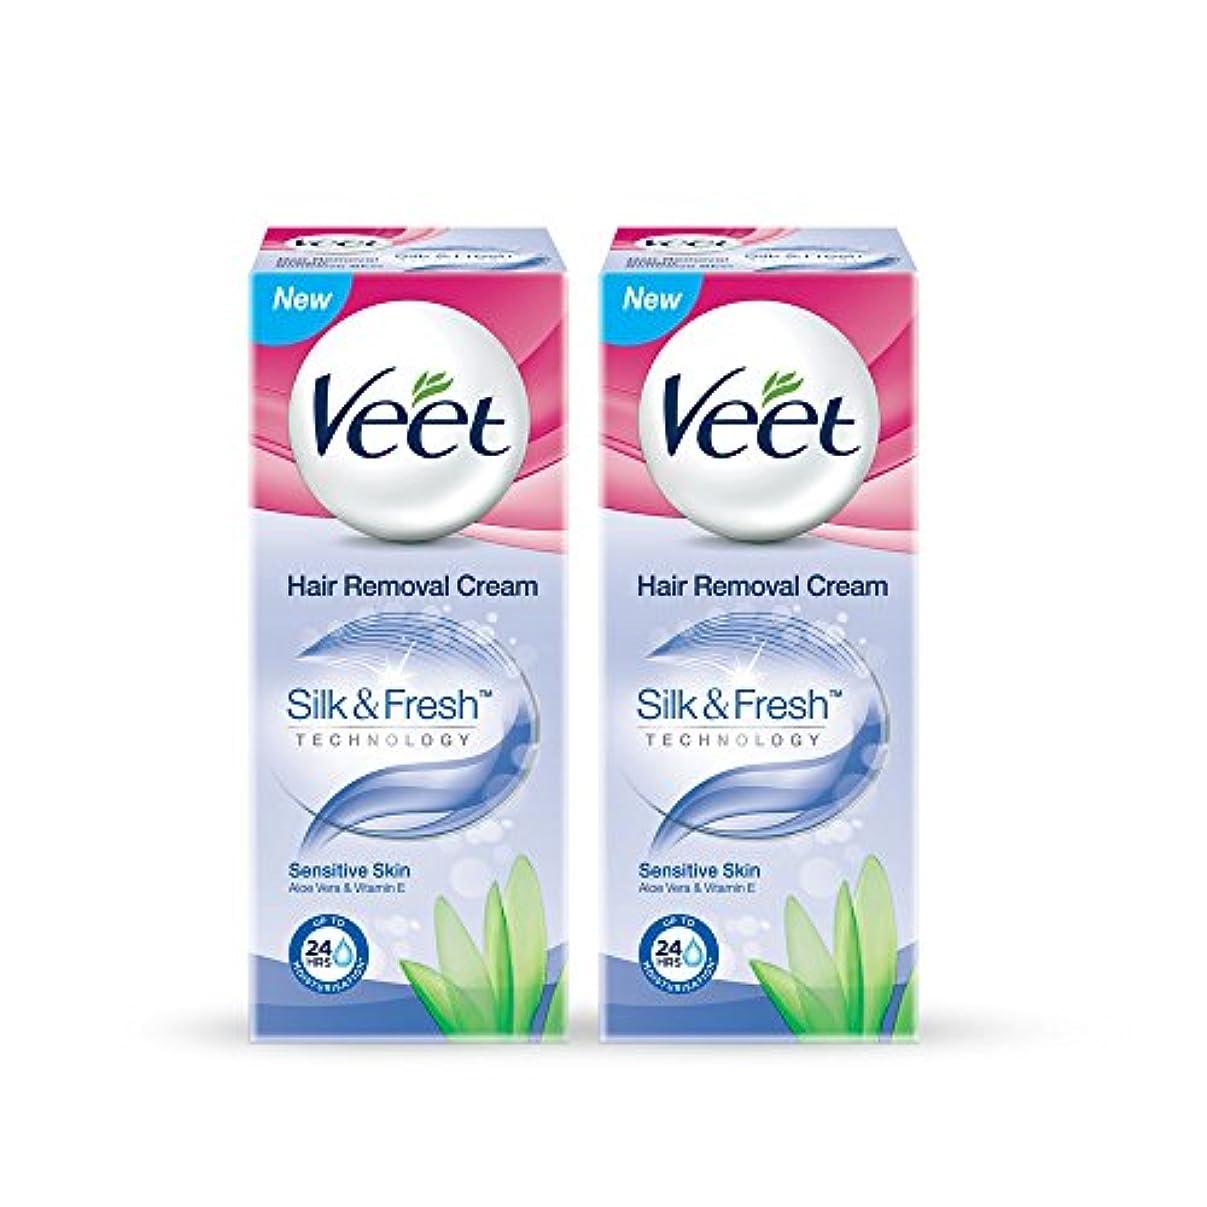 わざわざイブ逸脱Veet Hair Removal Gel Cream For Sensitive Skin With Aloe Vera and Vitamin E 25 g (Pack of 2)